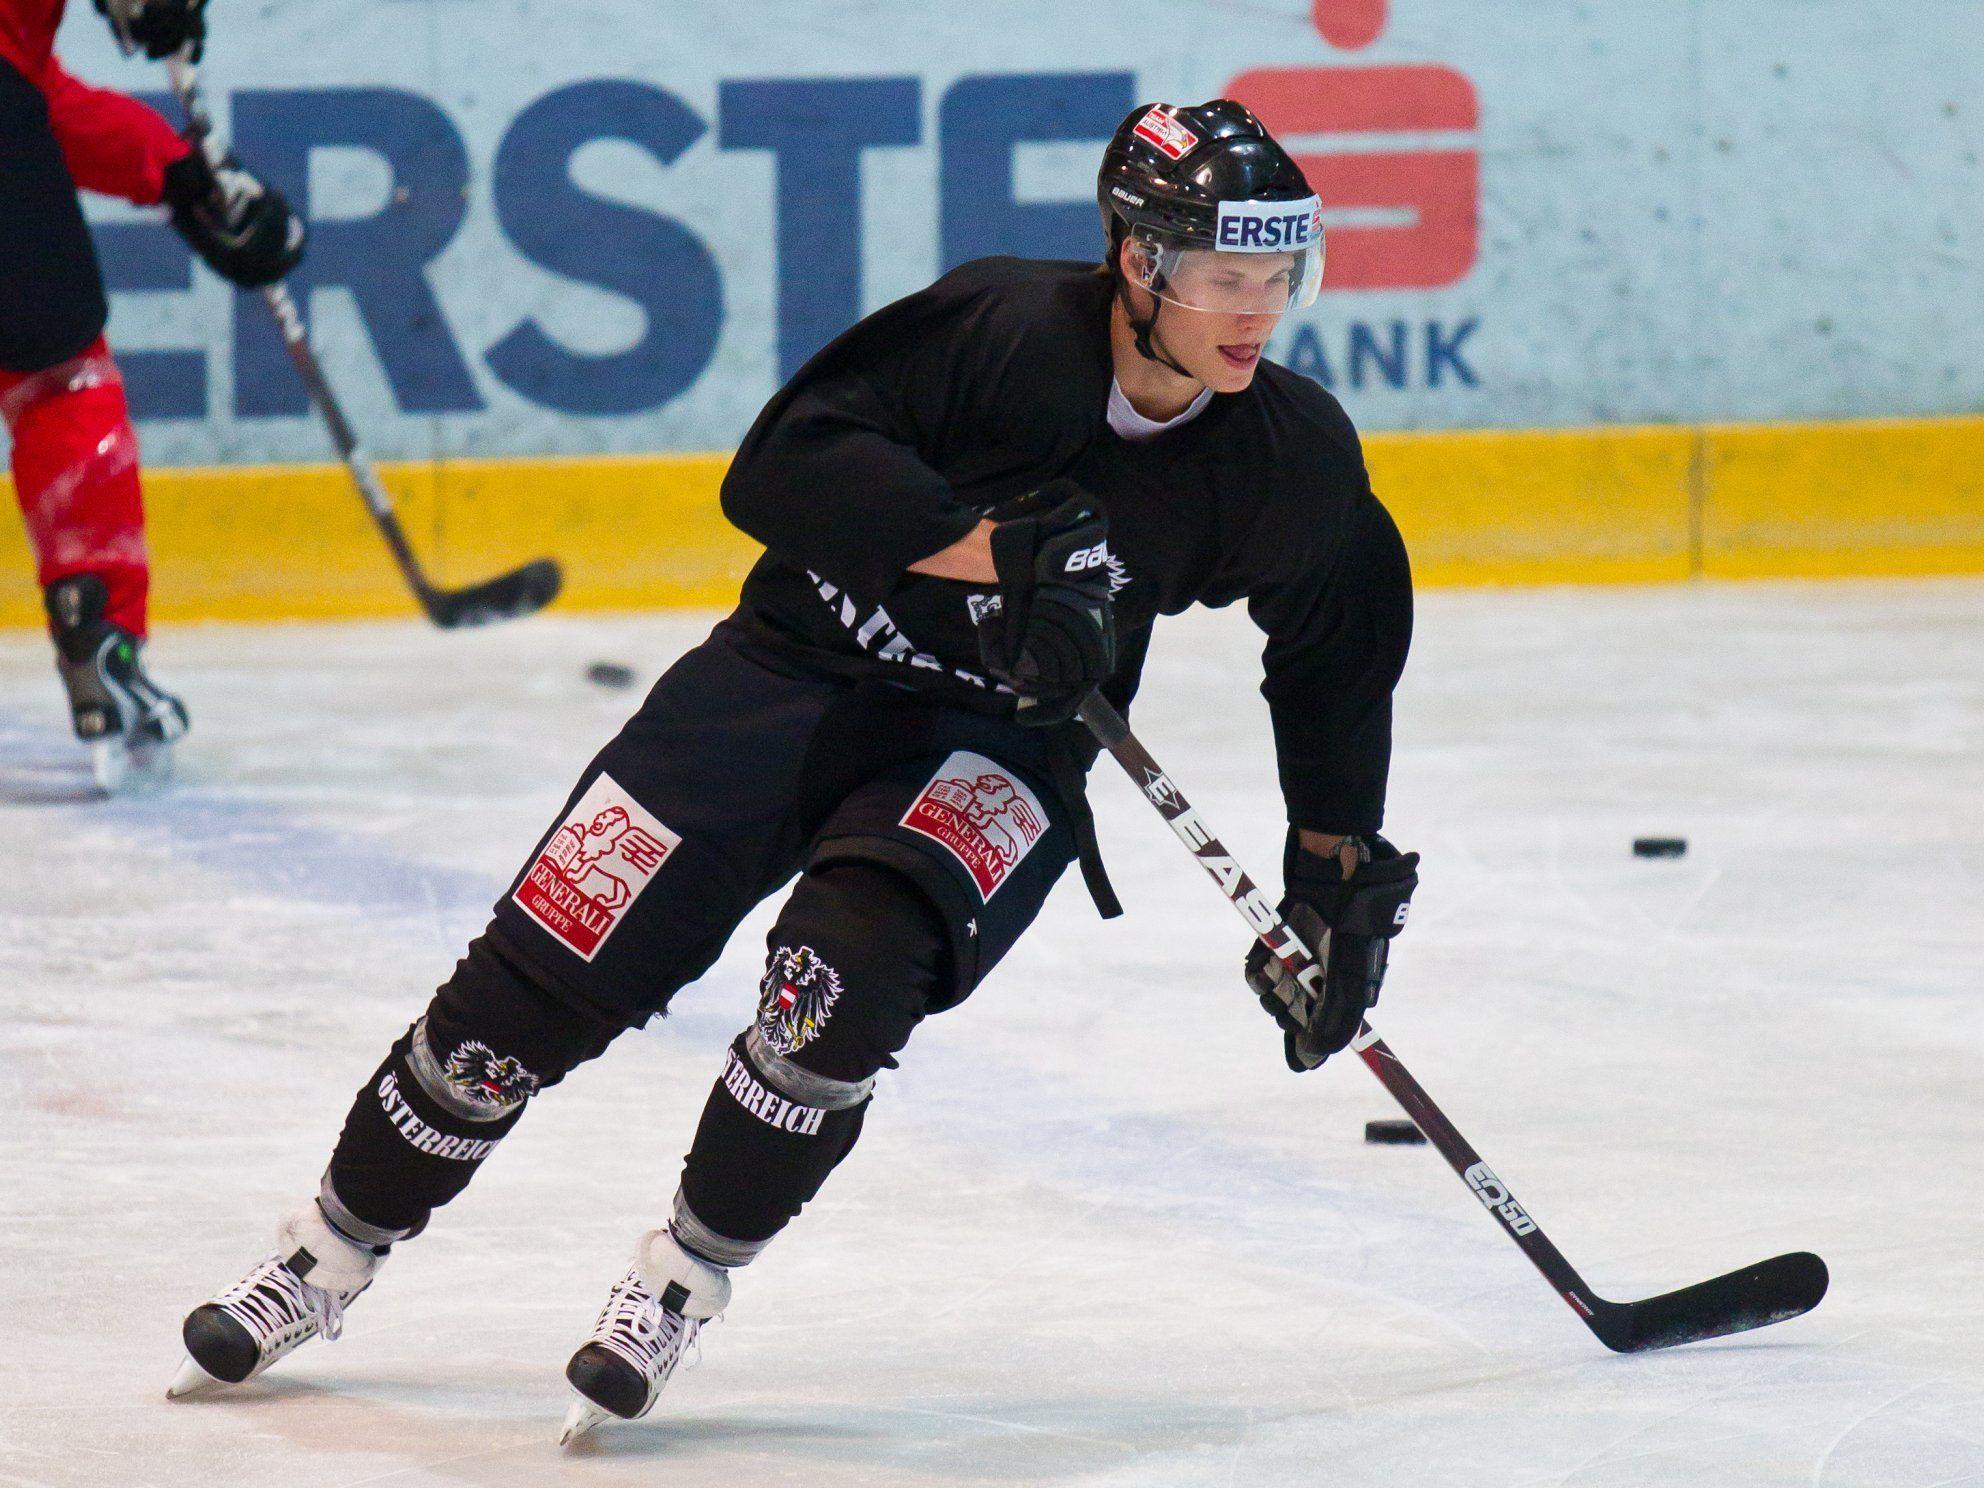 Obrist geht in Zukunft für Salzburg auf Punktejagd.